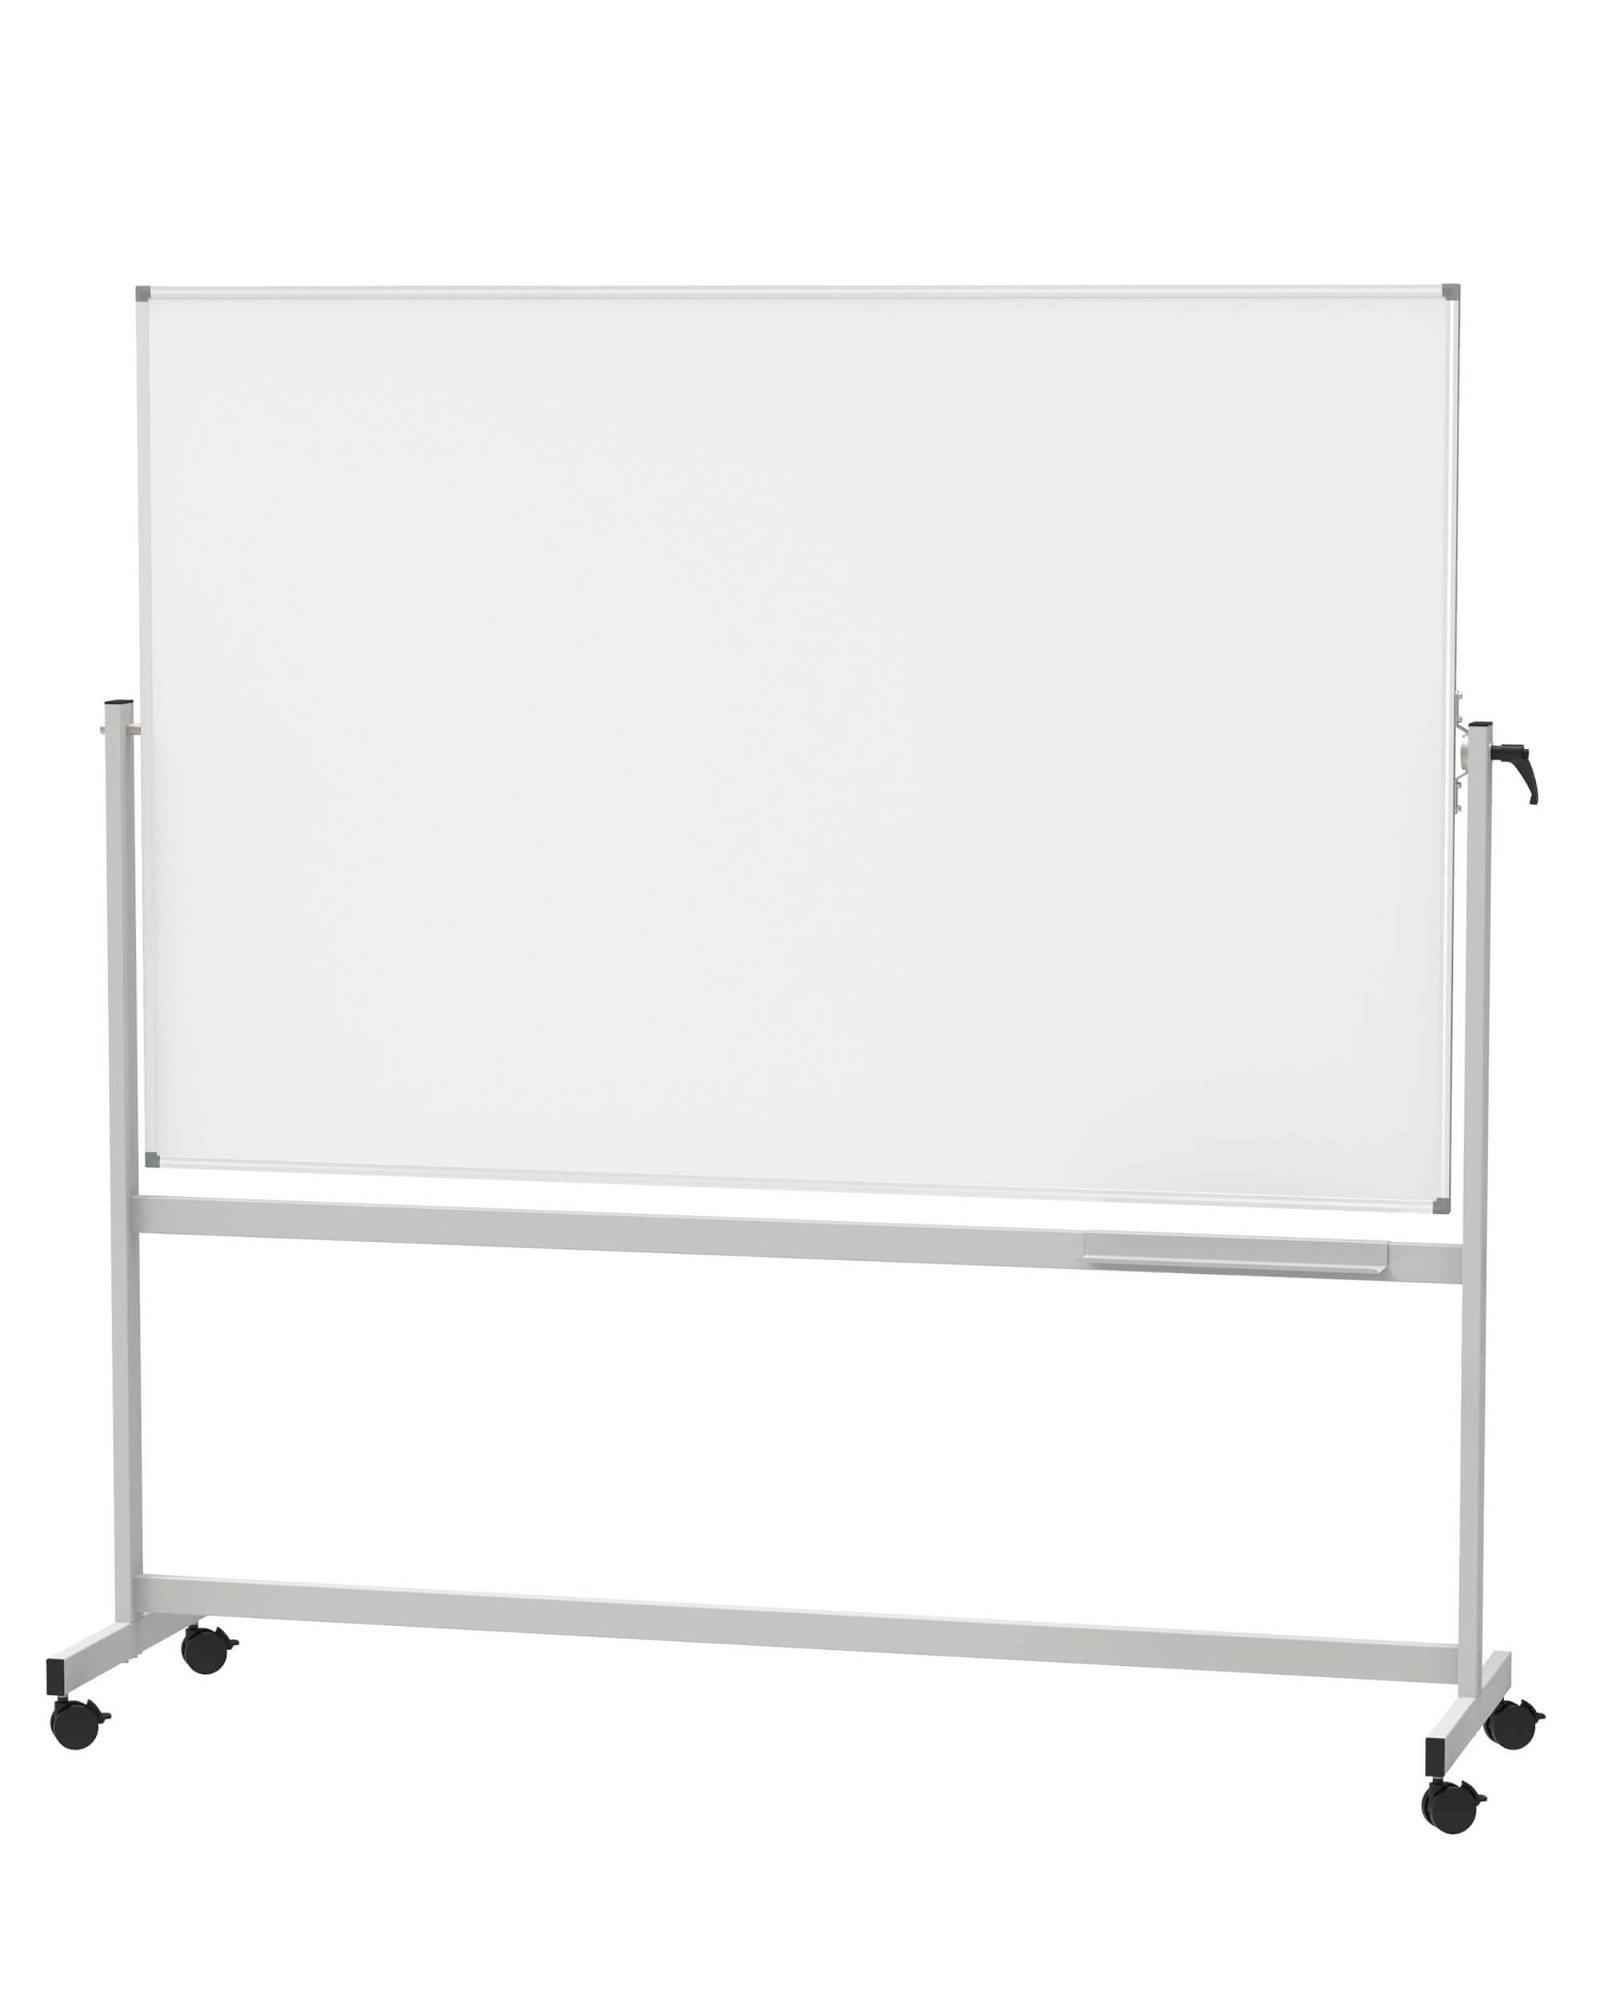 Mobiles Whiteboard, MAUL- standard, drehbar, 120x180 cm, grau